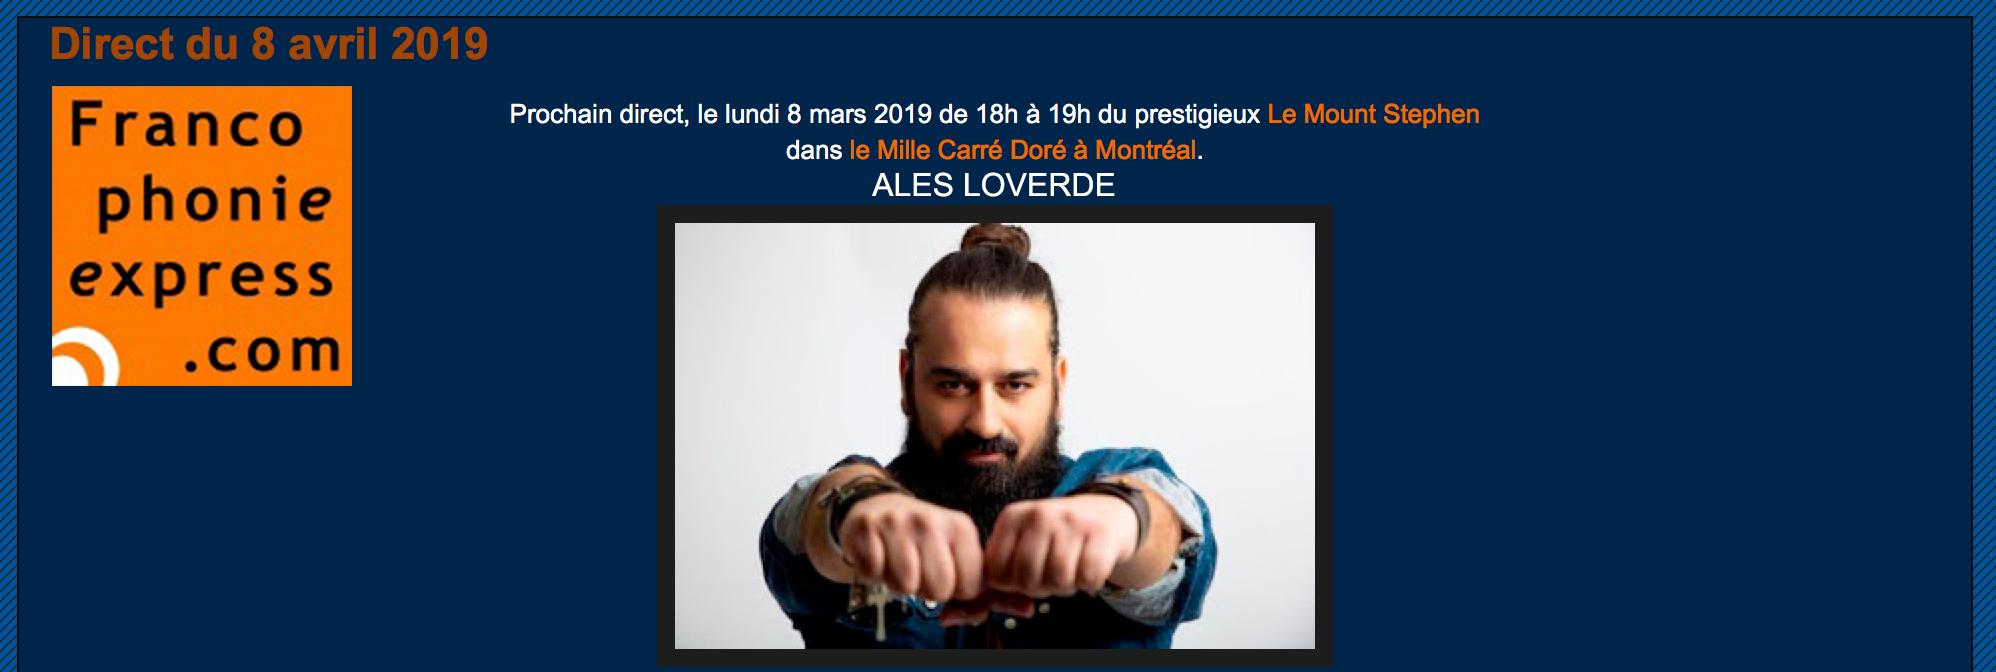 ALES-FRANCOEXPRESS